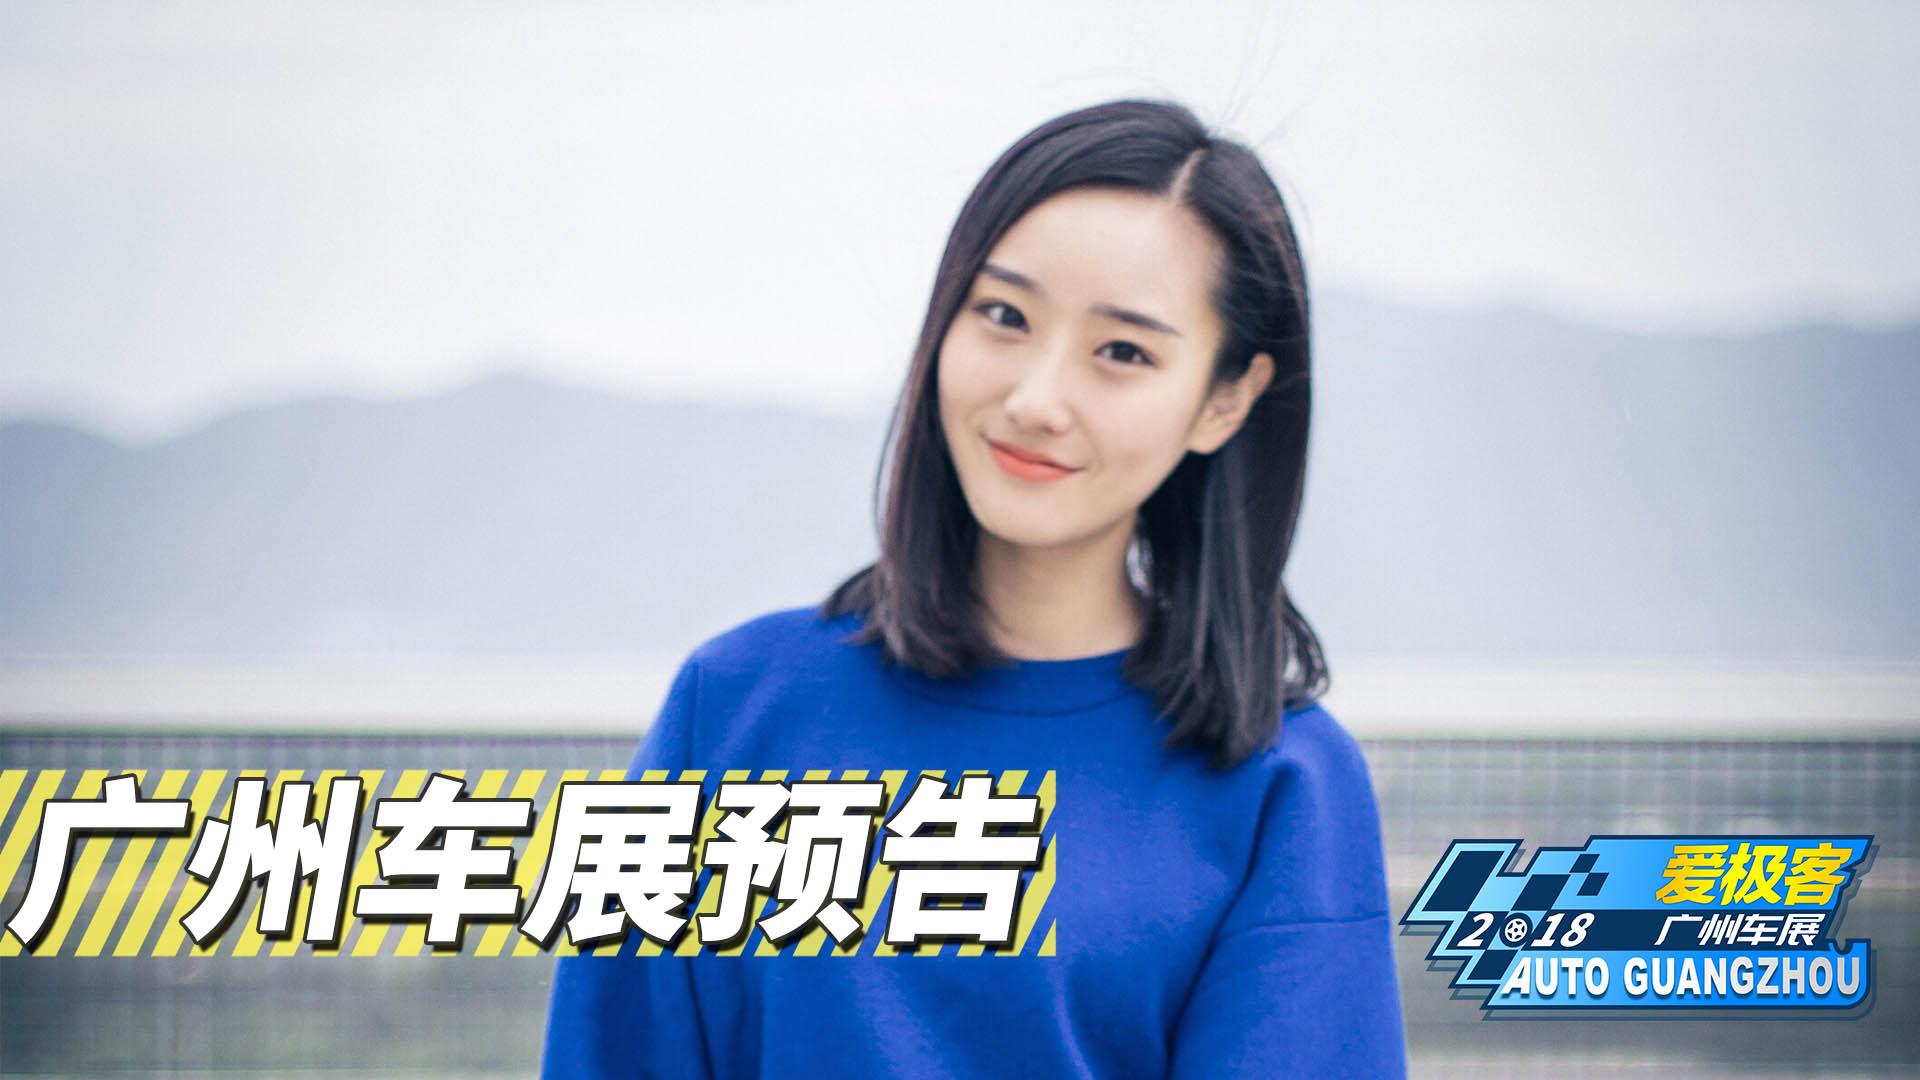 【广州车展】爱极客带你逛2018广州车展!